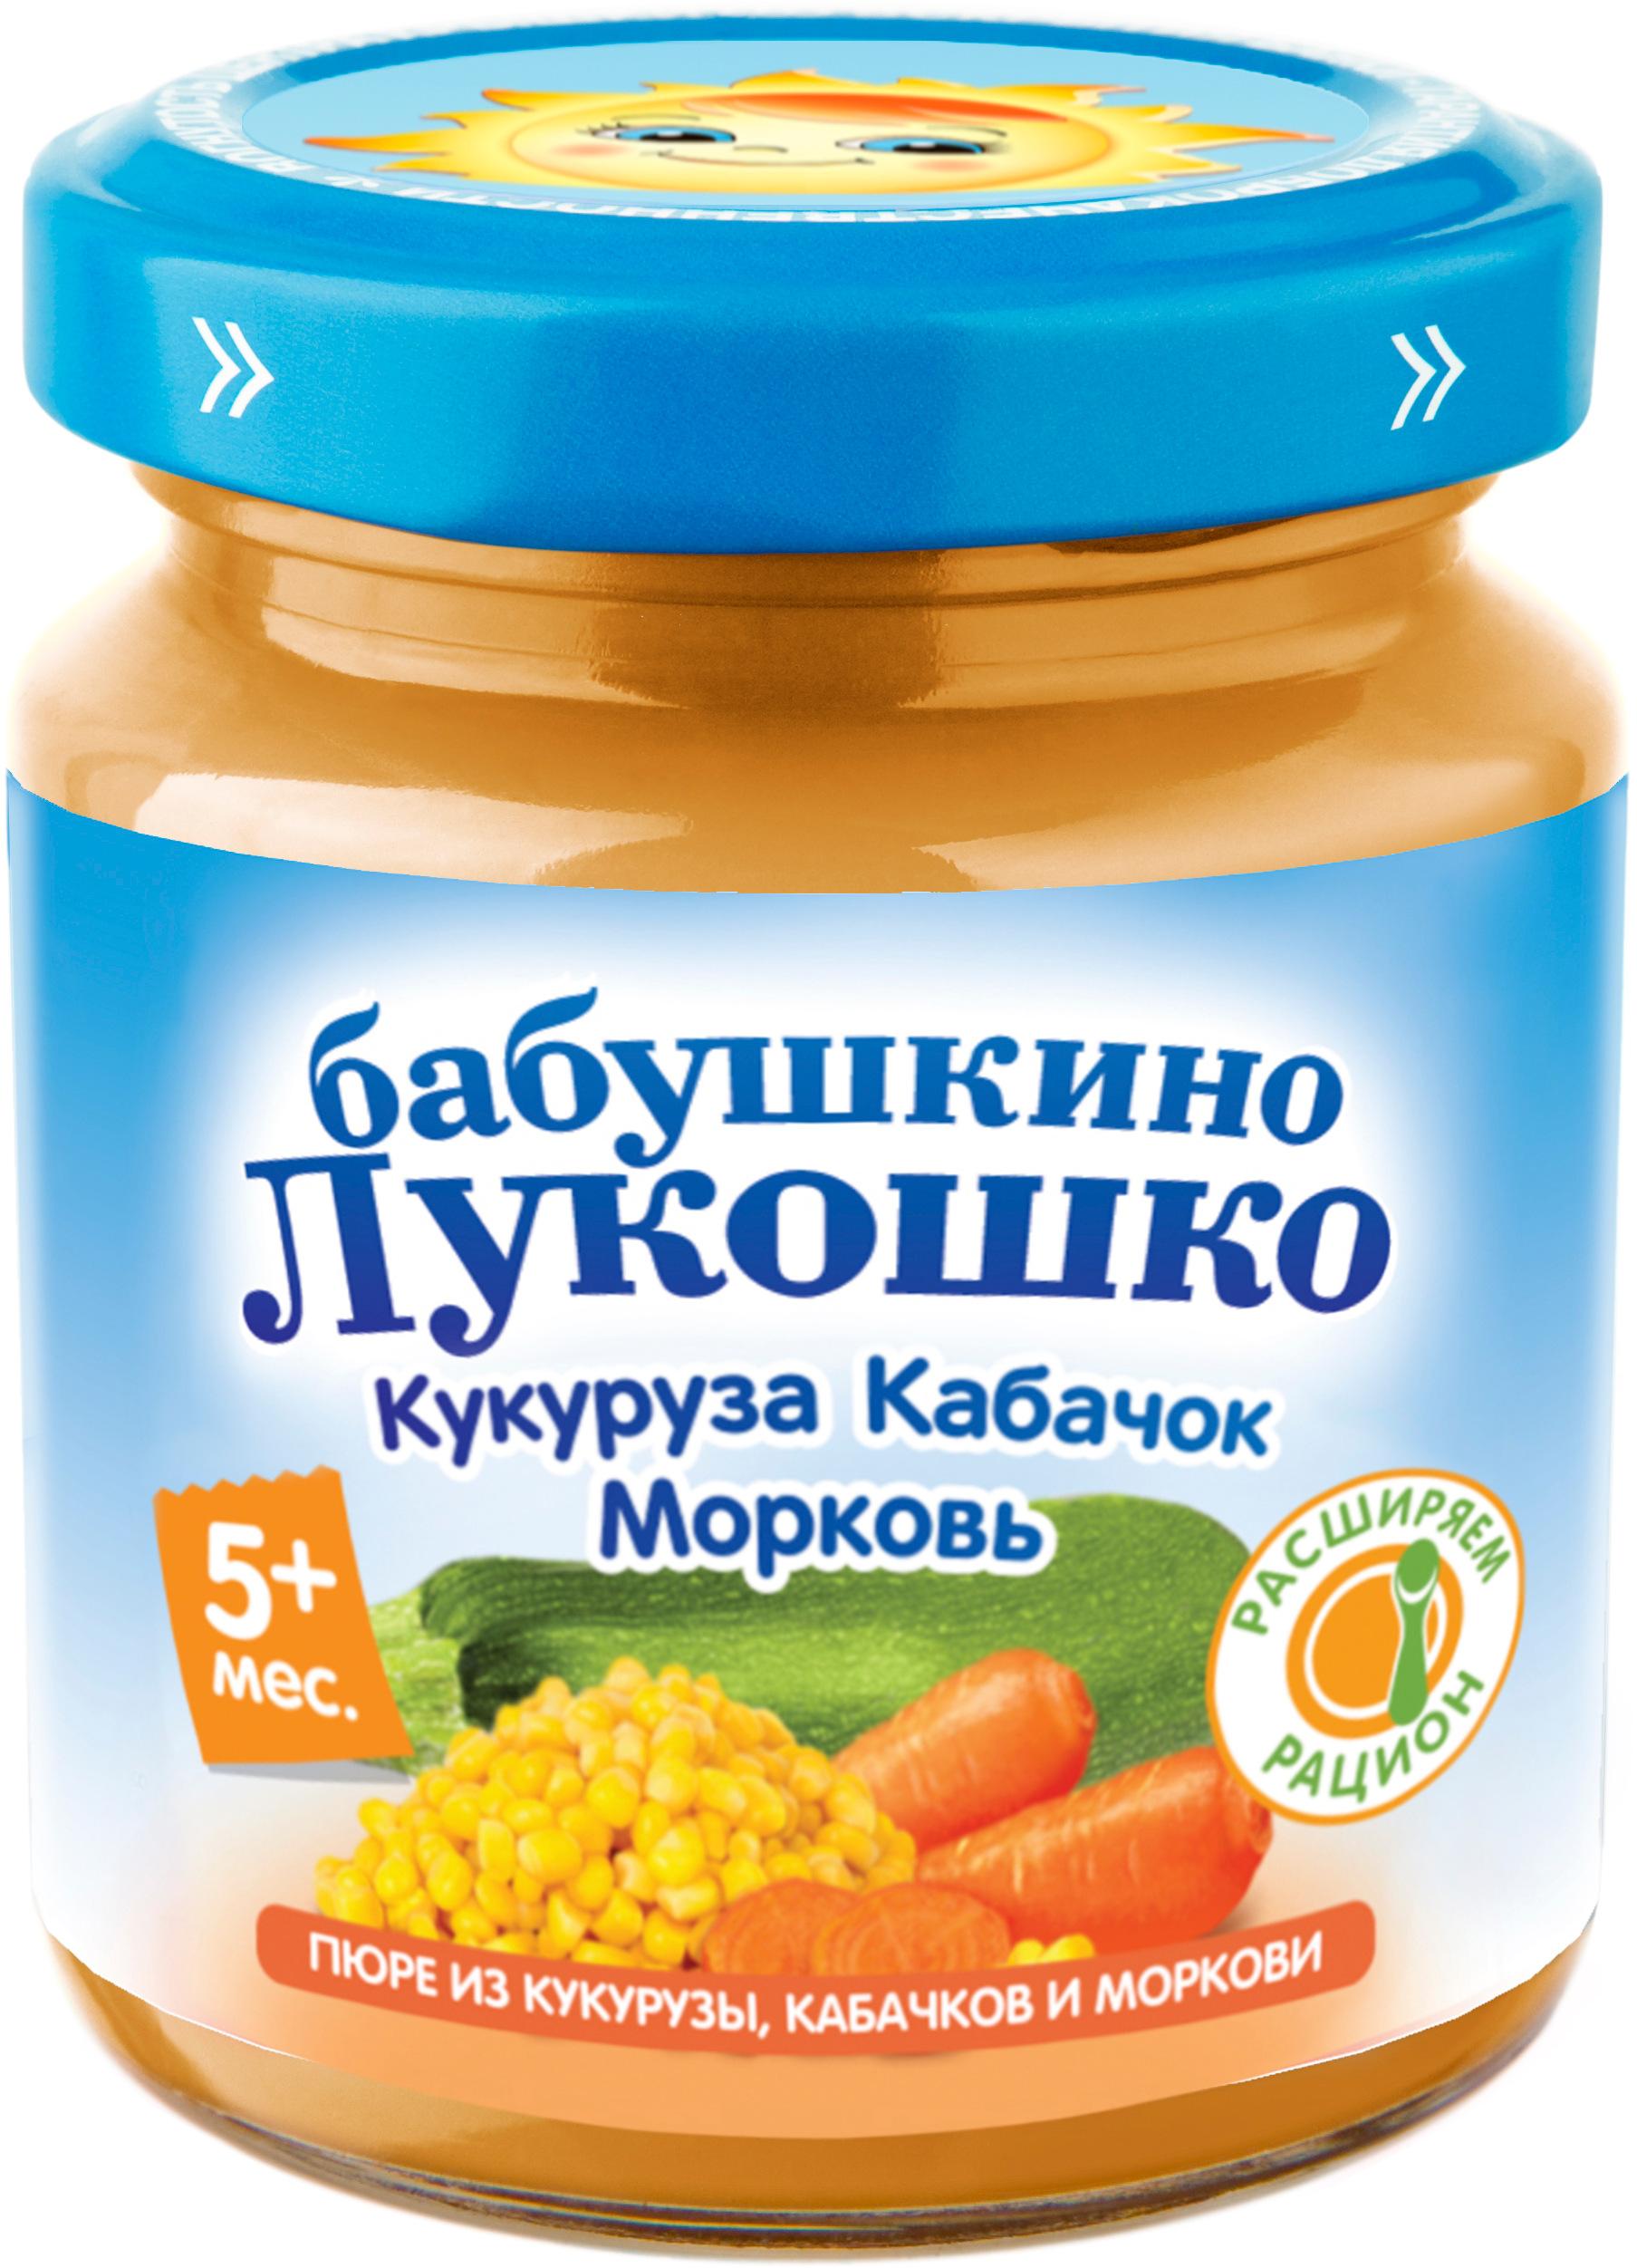 Пюре Бабушкино лукошко Кукуруза, кабачки и морковь с 5 мес. 100 г бабушкино лукошко пюре кукуруза кабачки и морковь с 5 месяцев 6 шт по 100 г